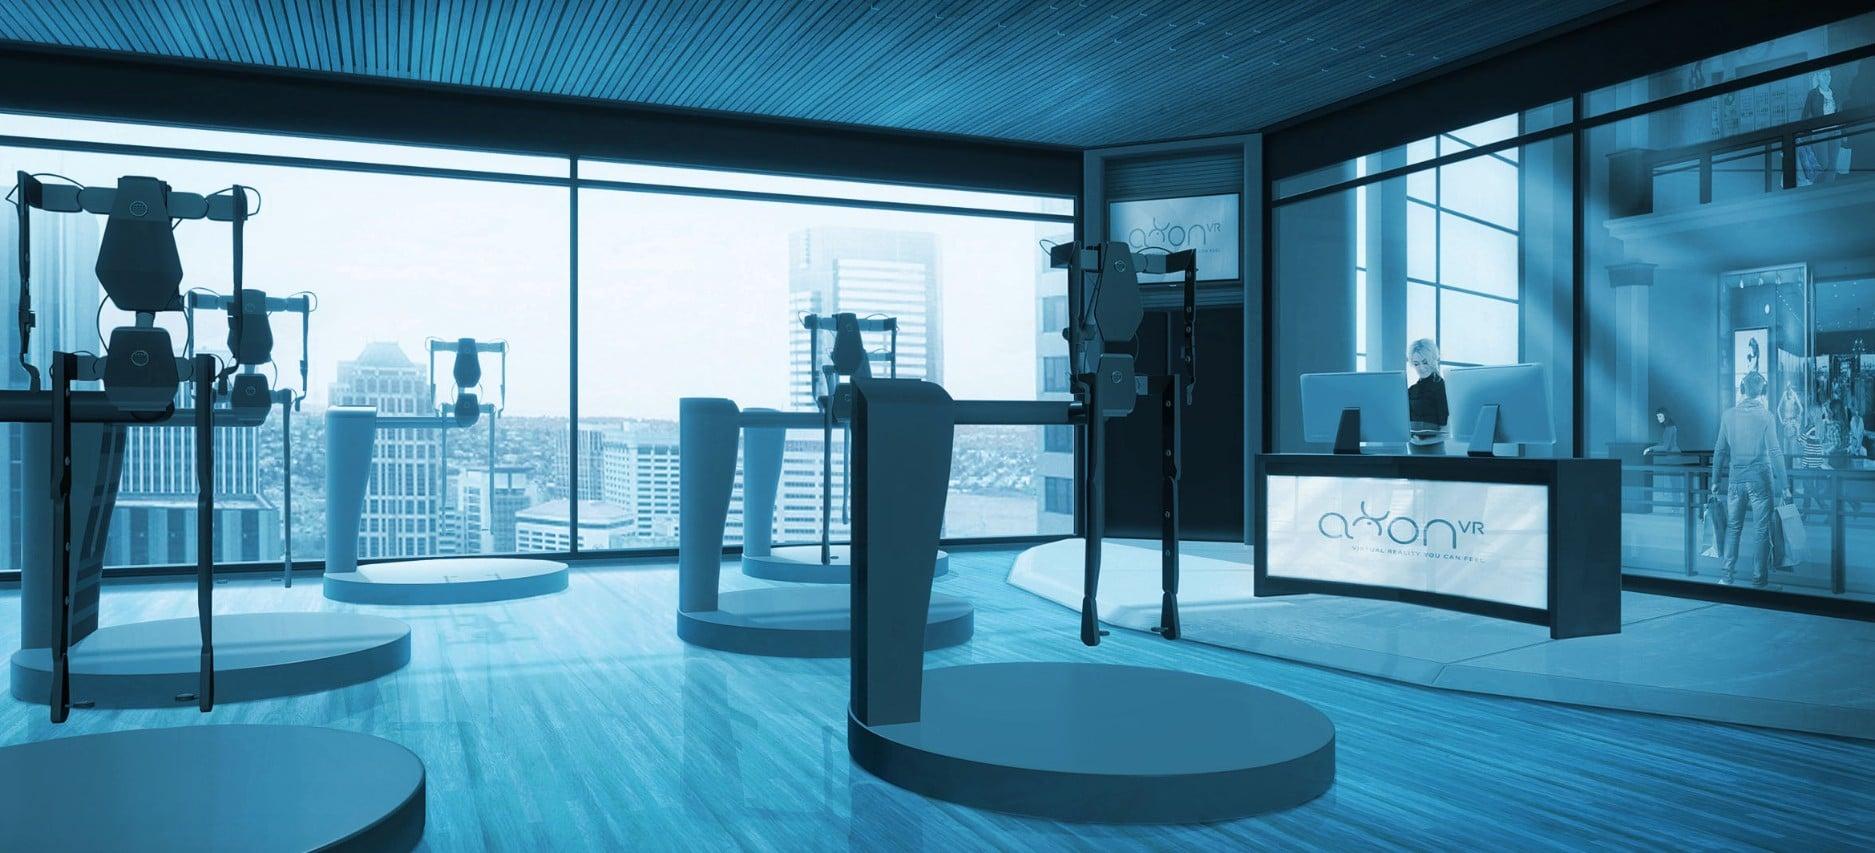 Das Fitnessstudio der Zukunft? (Foto: AxonVR)